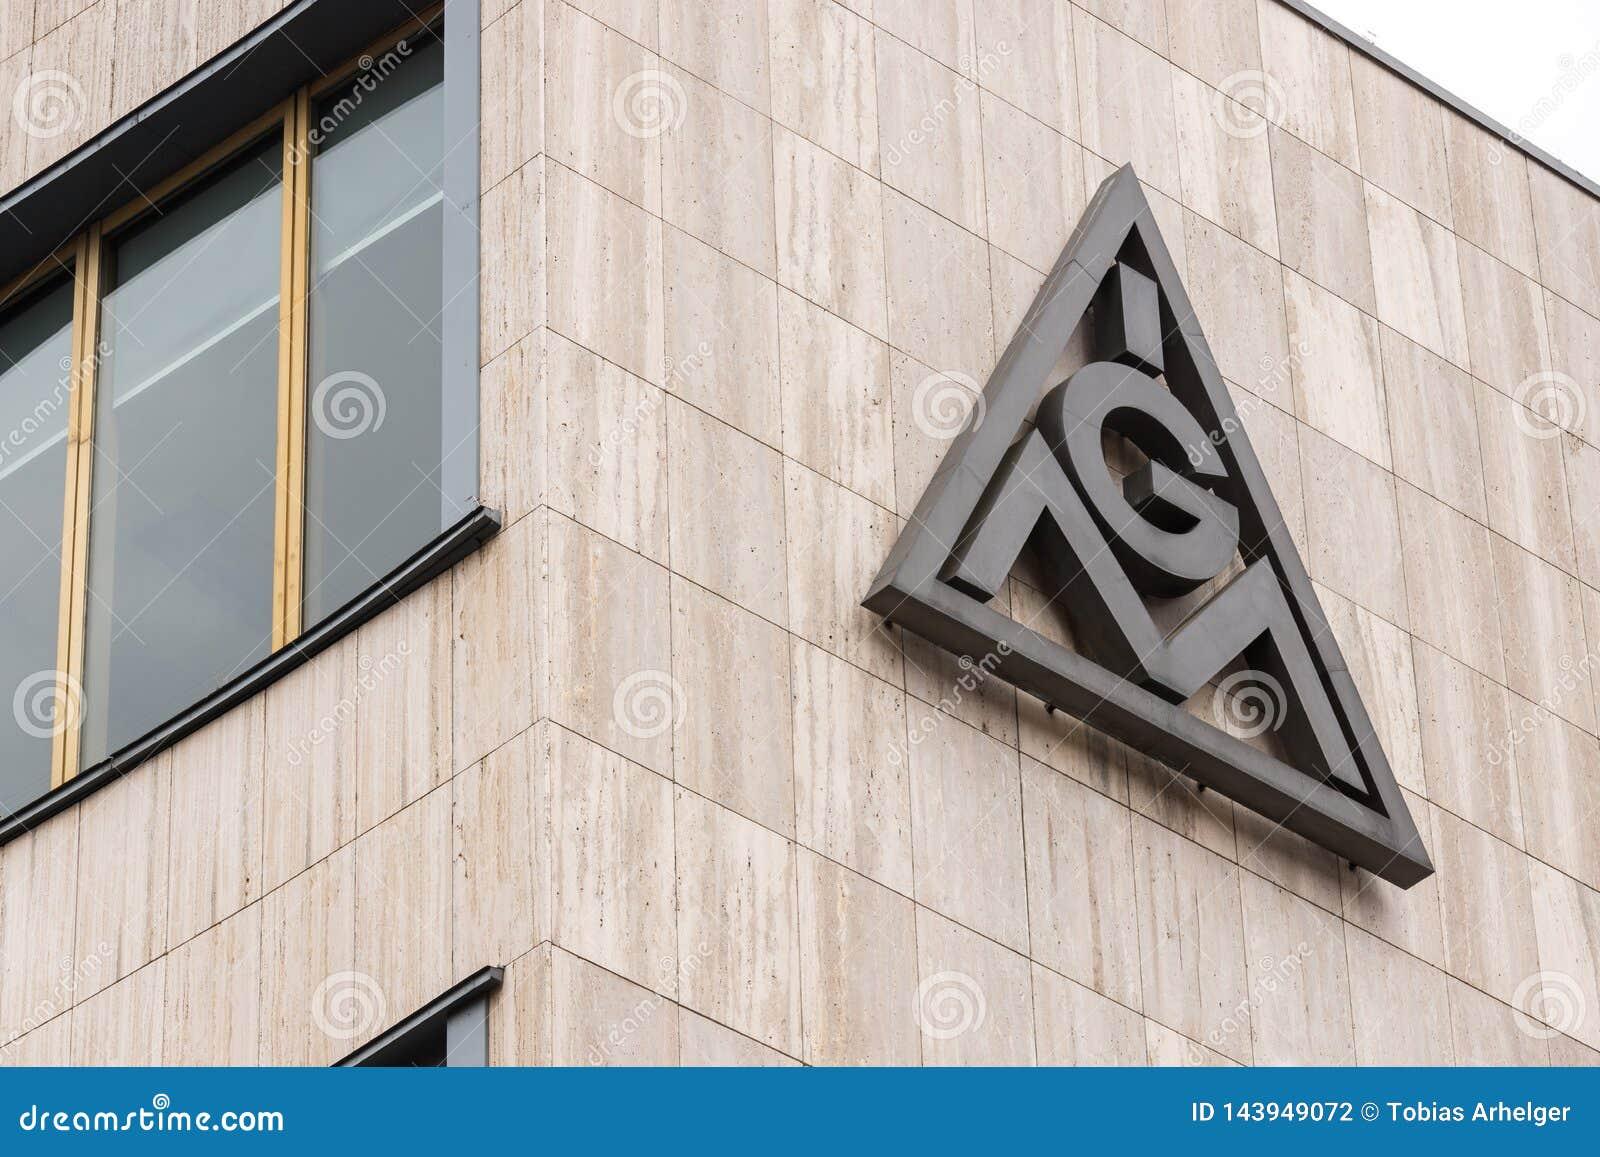 Berl?n, Brandeburgo/Alemania - 15 03 19: edificio de IG Metall en Berl?n Alemania